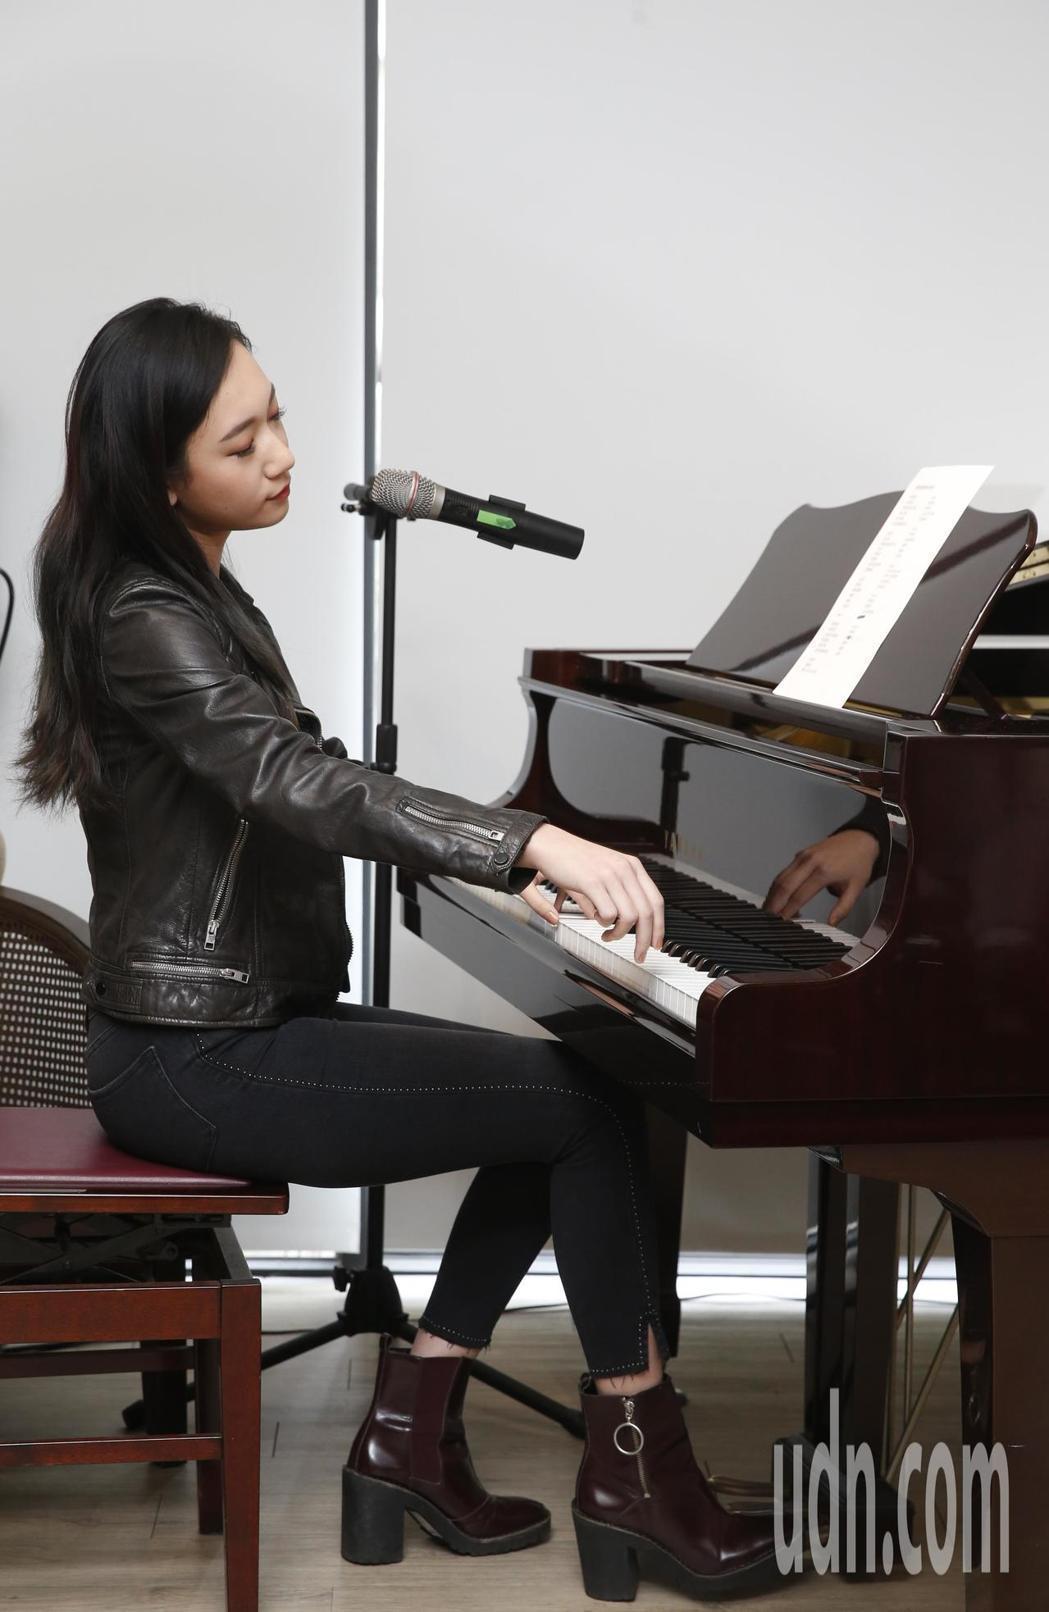 吳卓源彈唱新歌「全世界的朋友都讓我失望」。記者鄭超文/攝影